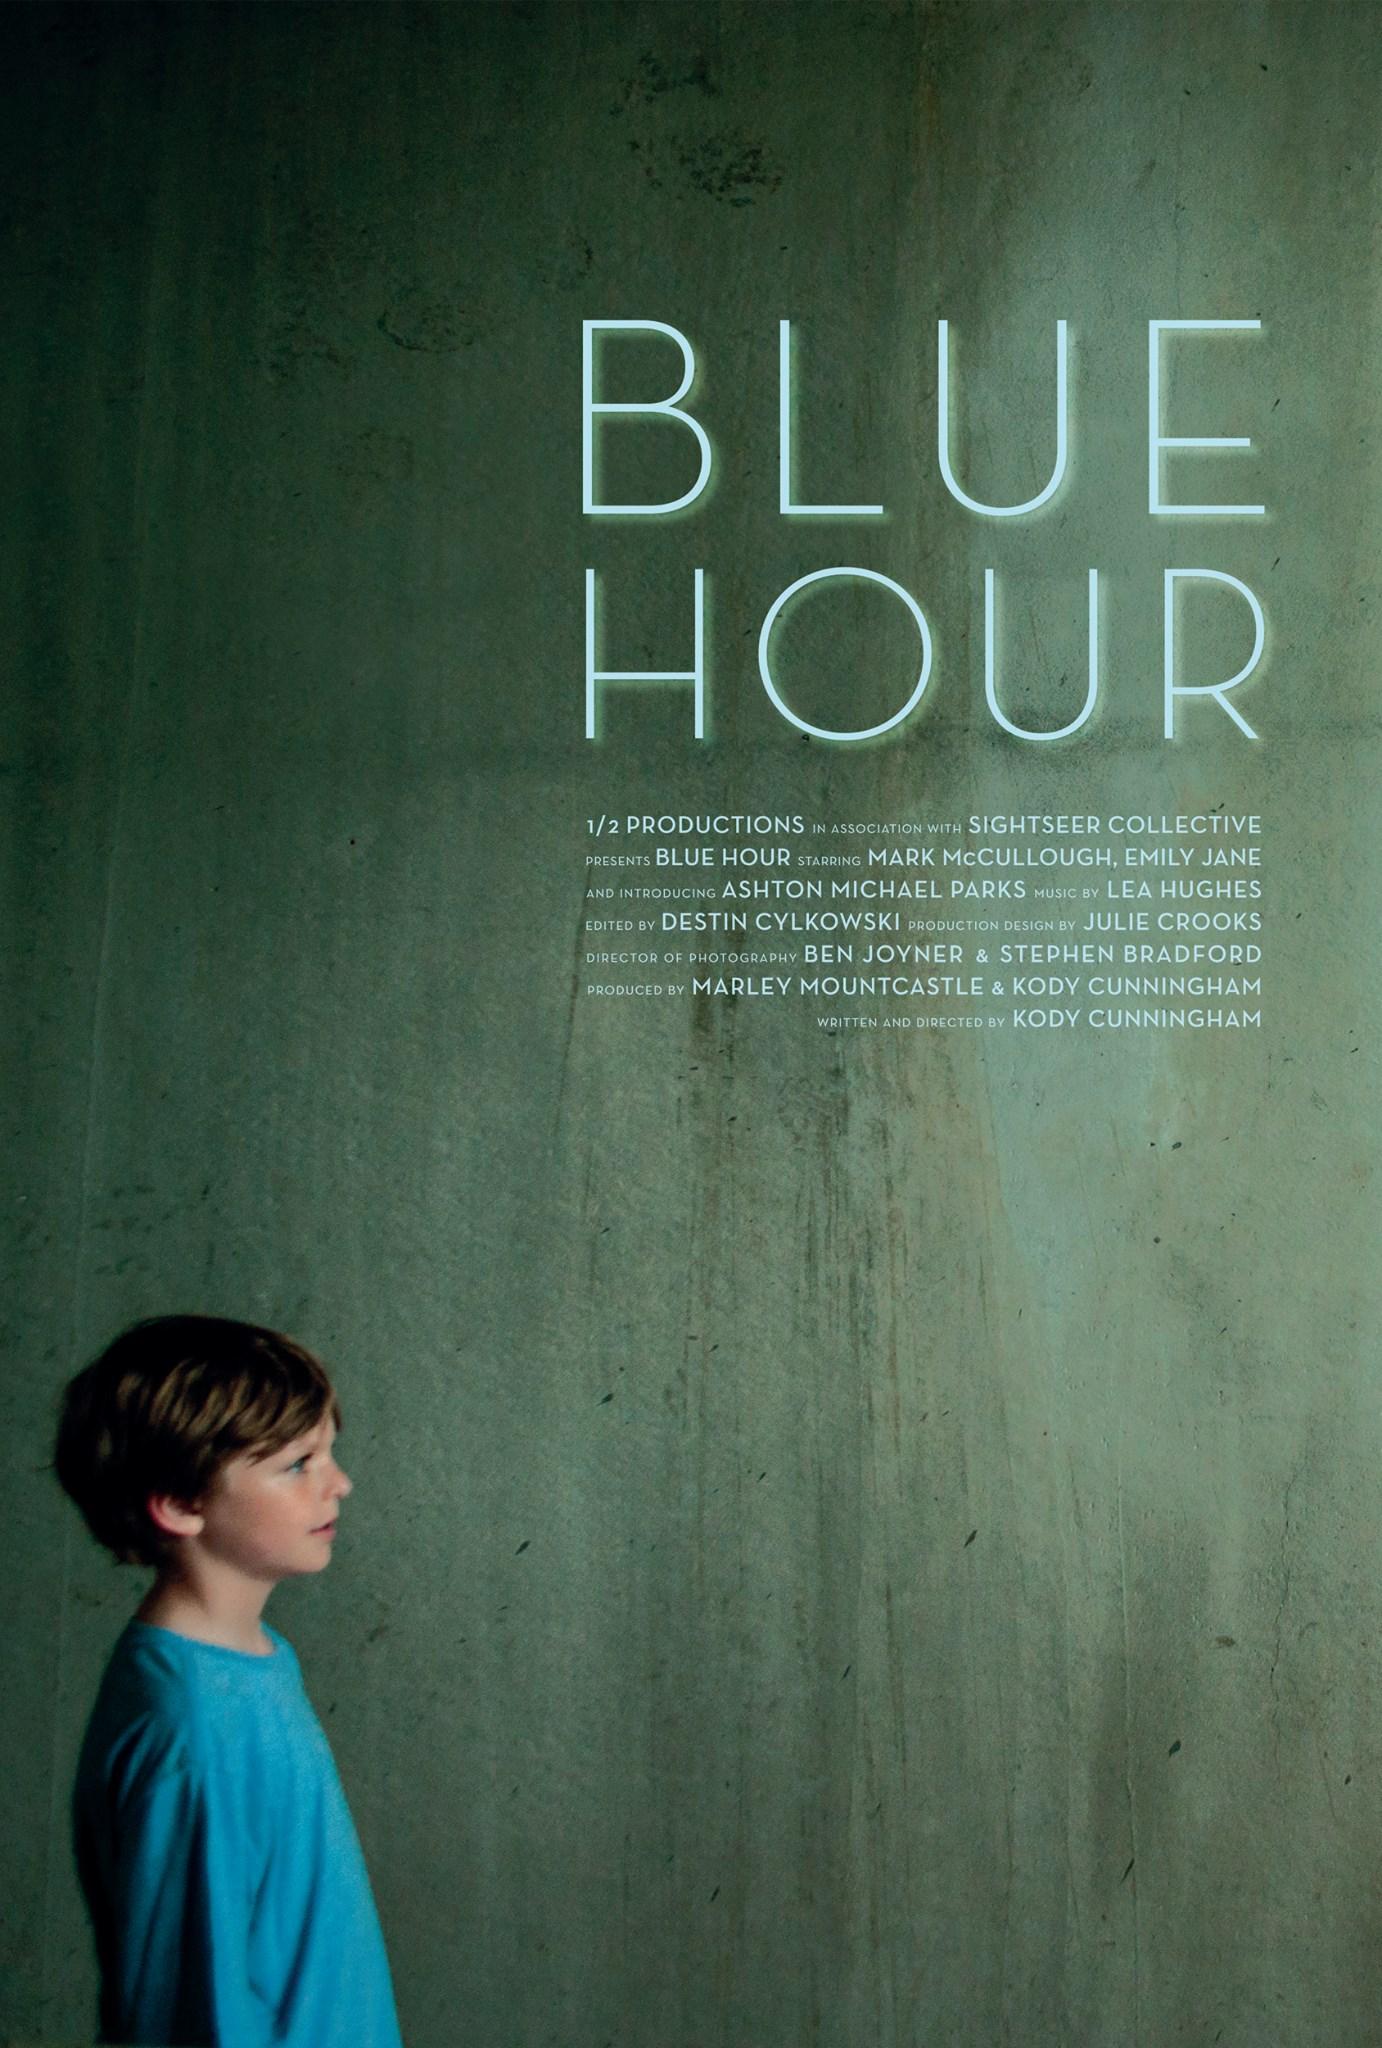 Poster by Katelan Cunningham